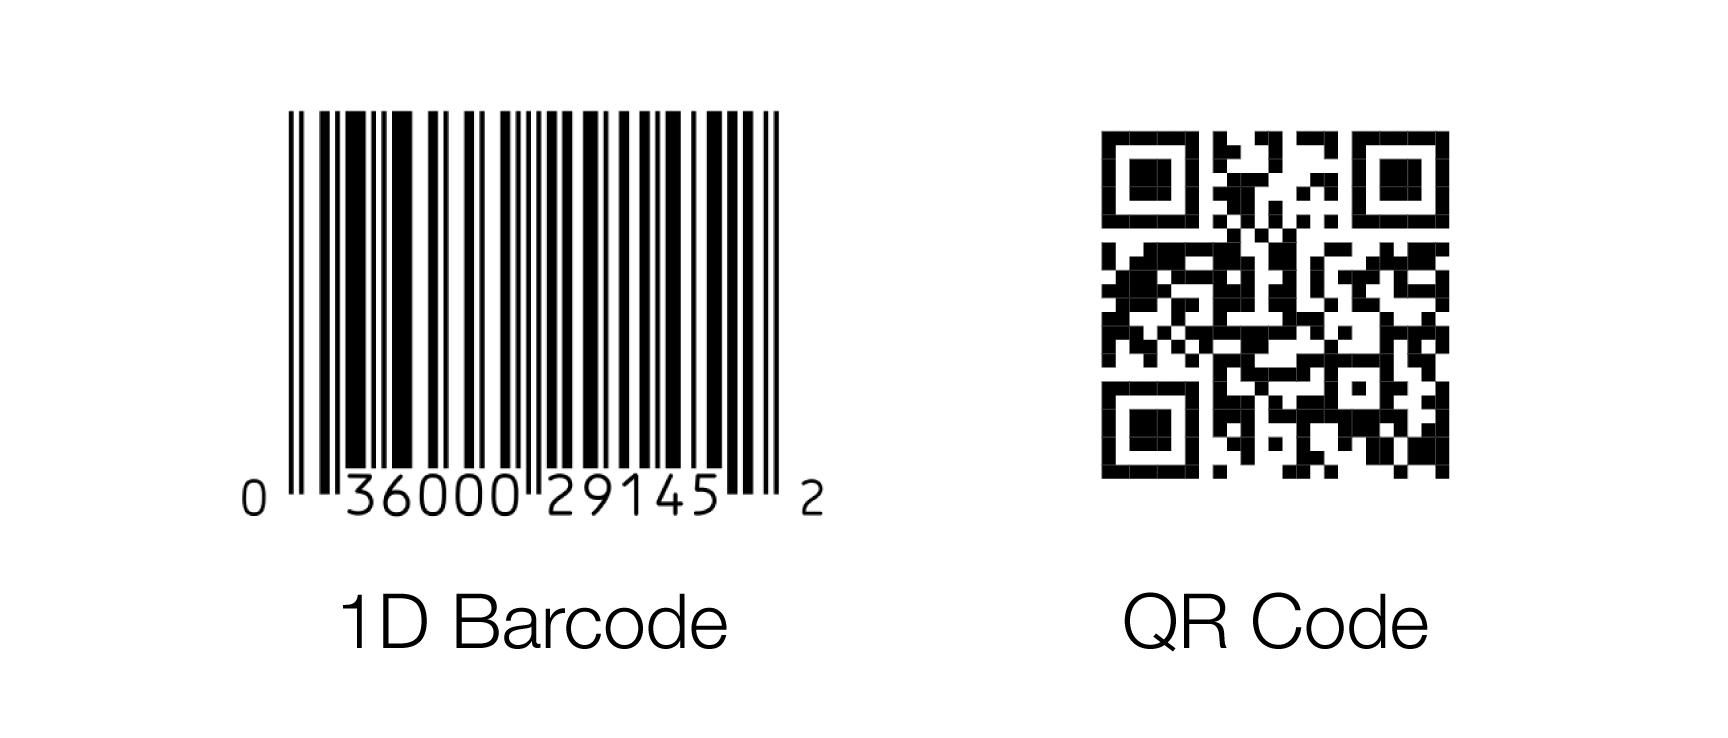 Mã QR Code là gì?